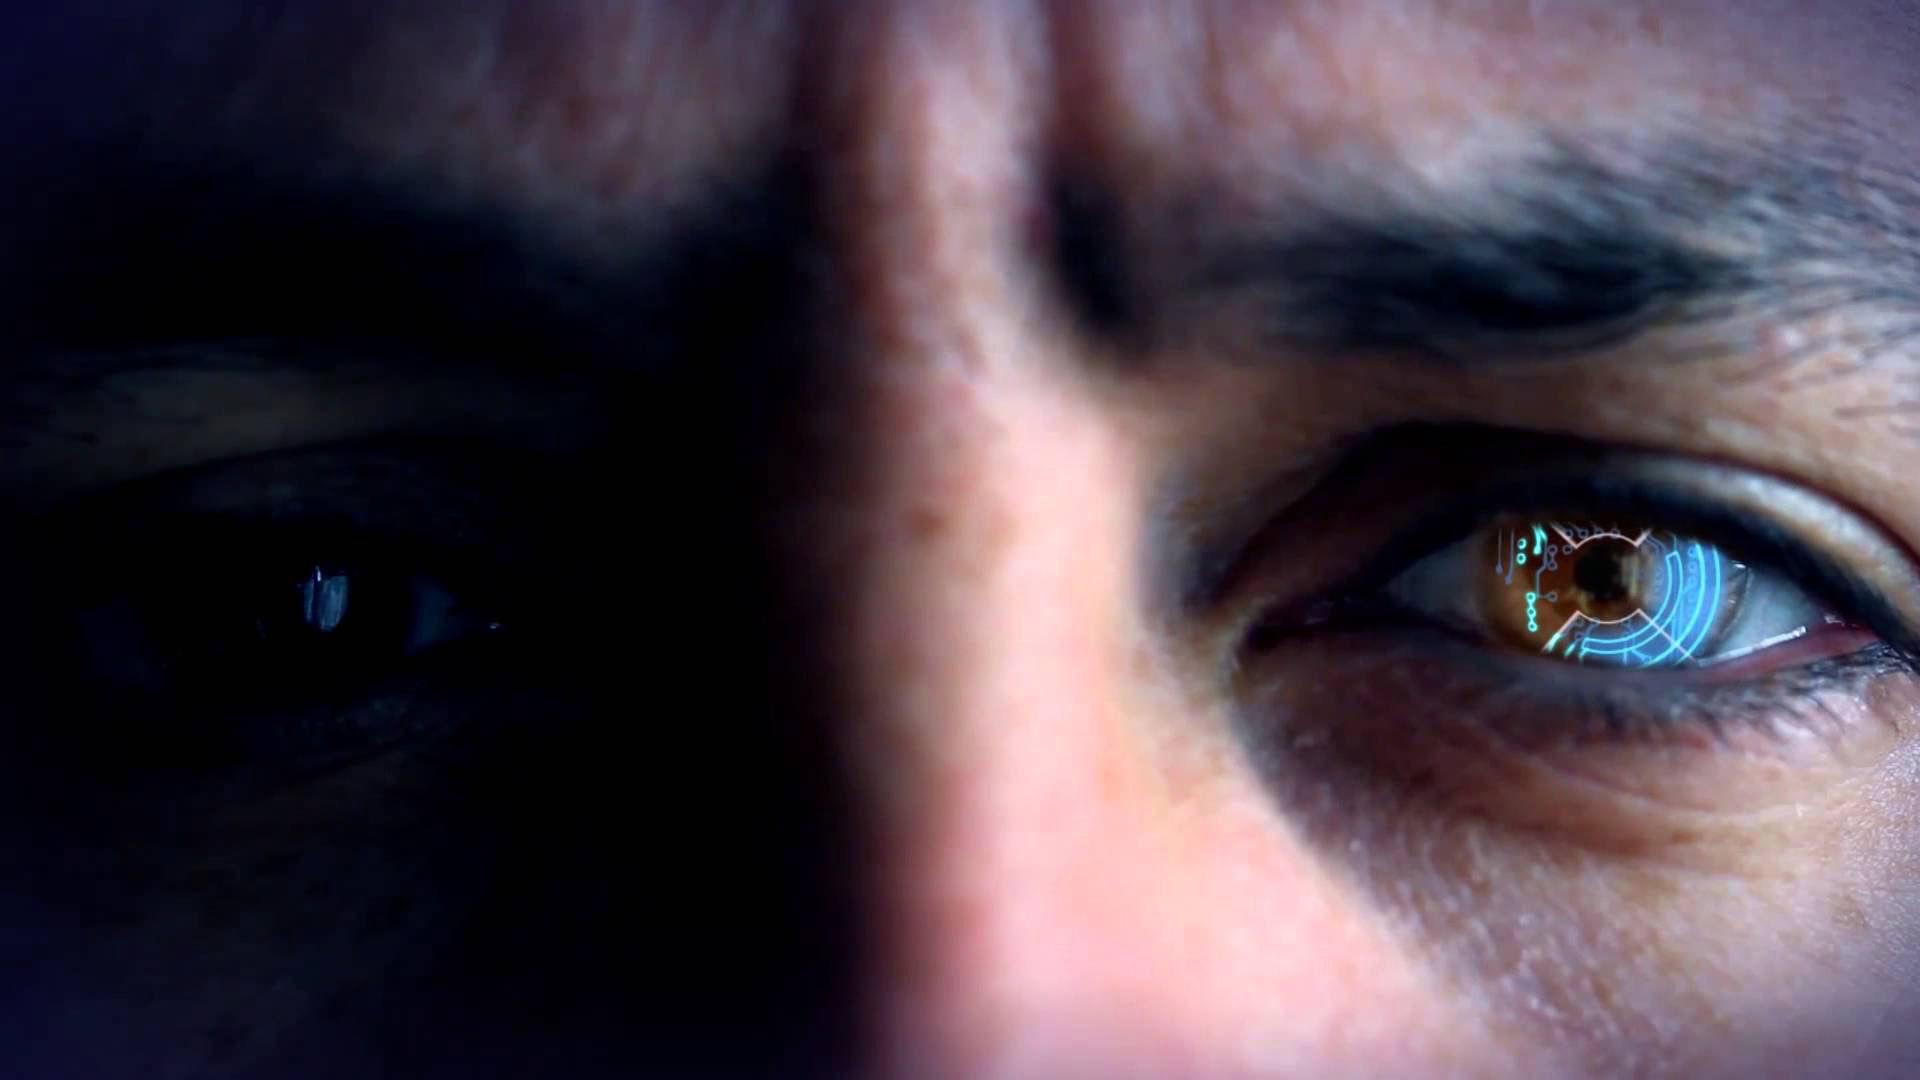 Las pruebas con el sistema permitieron devolver parcialmente la vista a una mujer americana